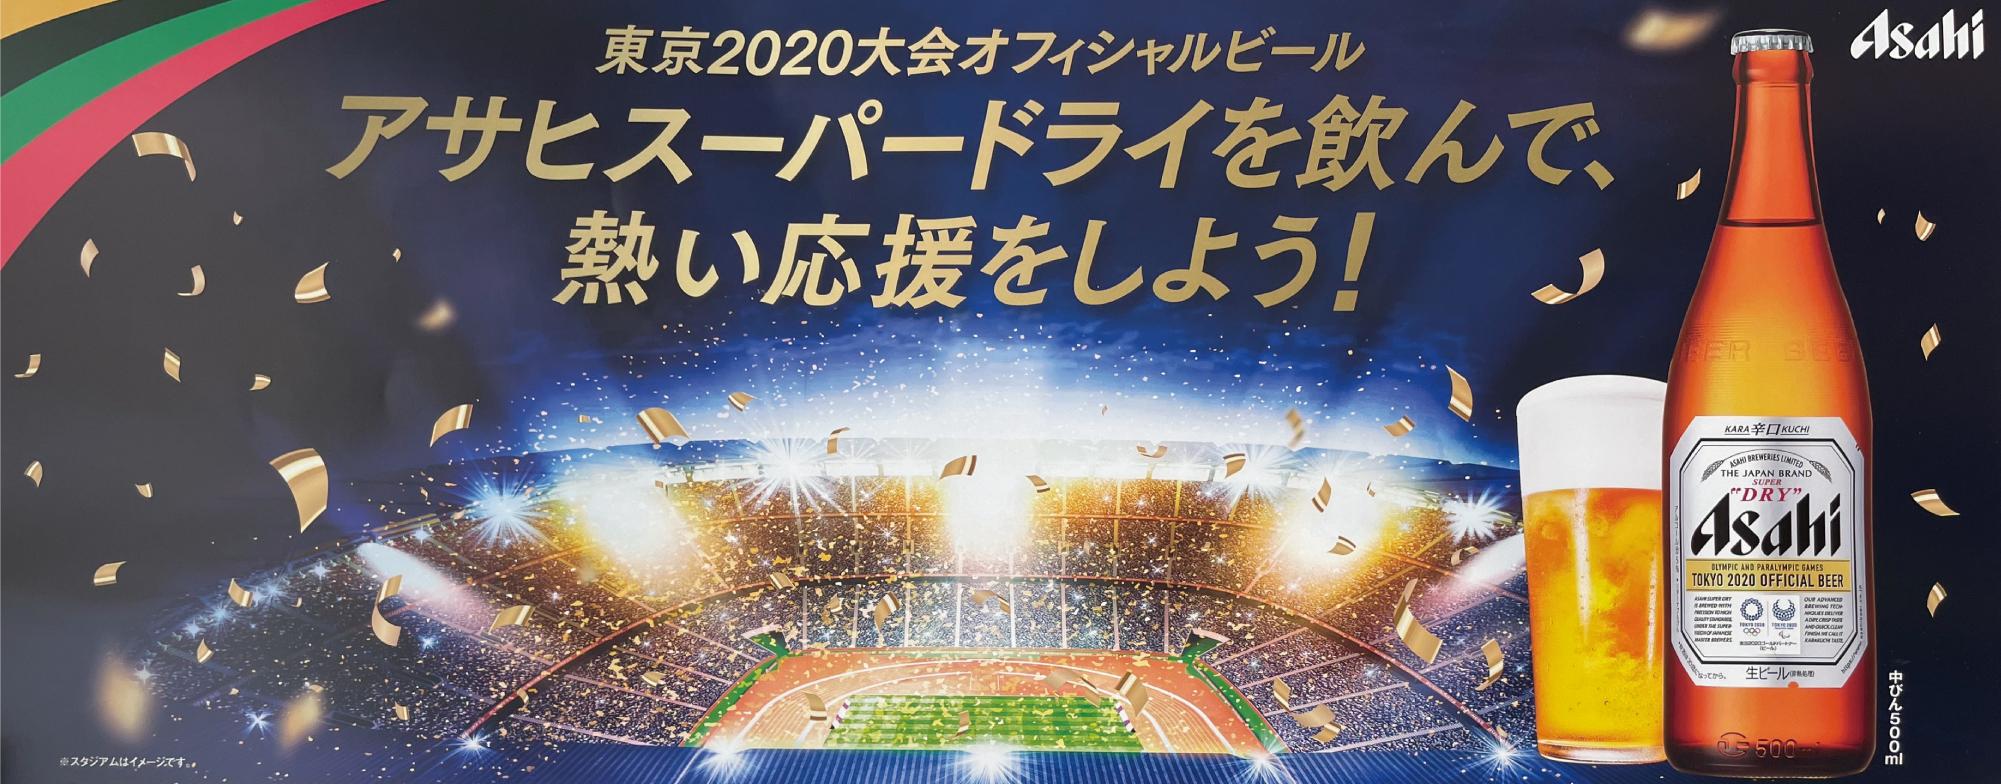 【スポーツ観戦】パブリックスタンドは東京2020パラリンピックを応援します